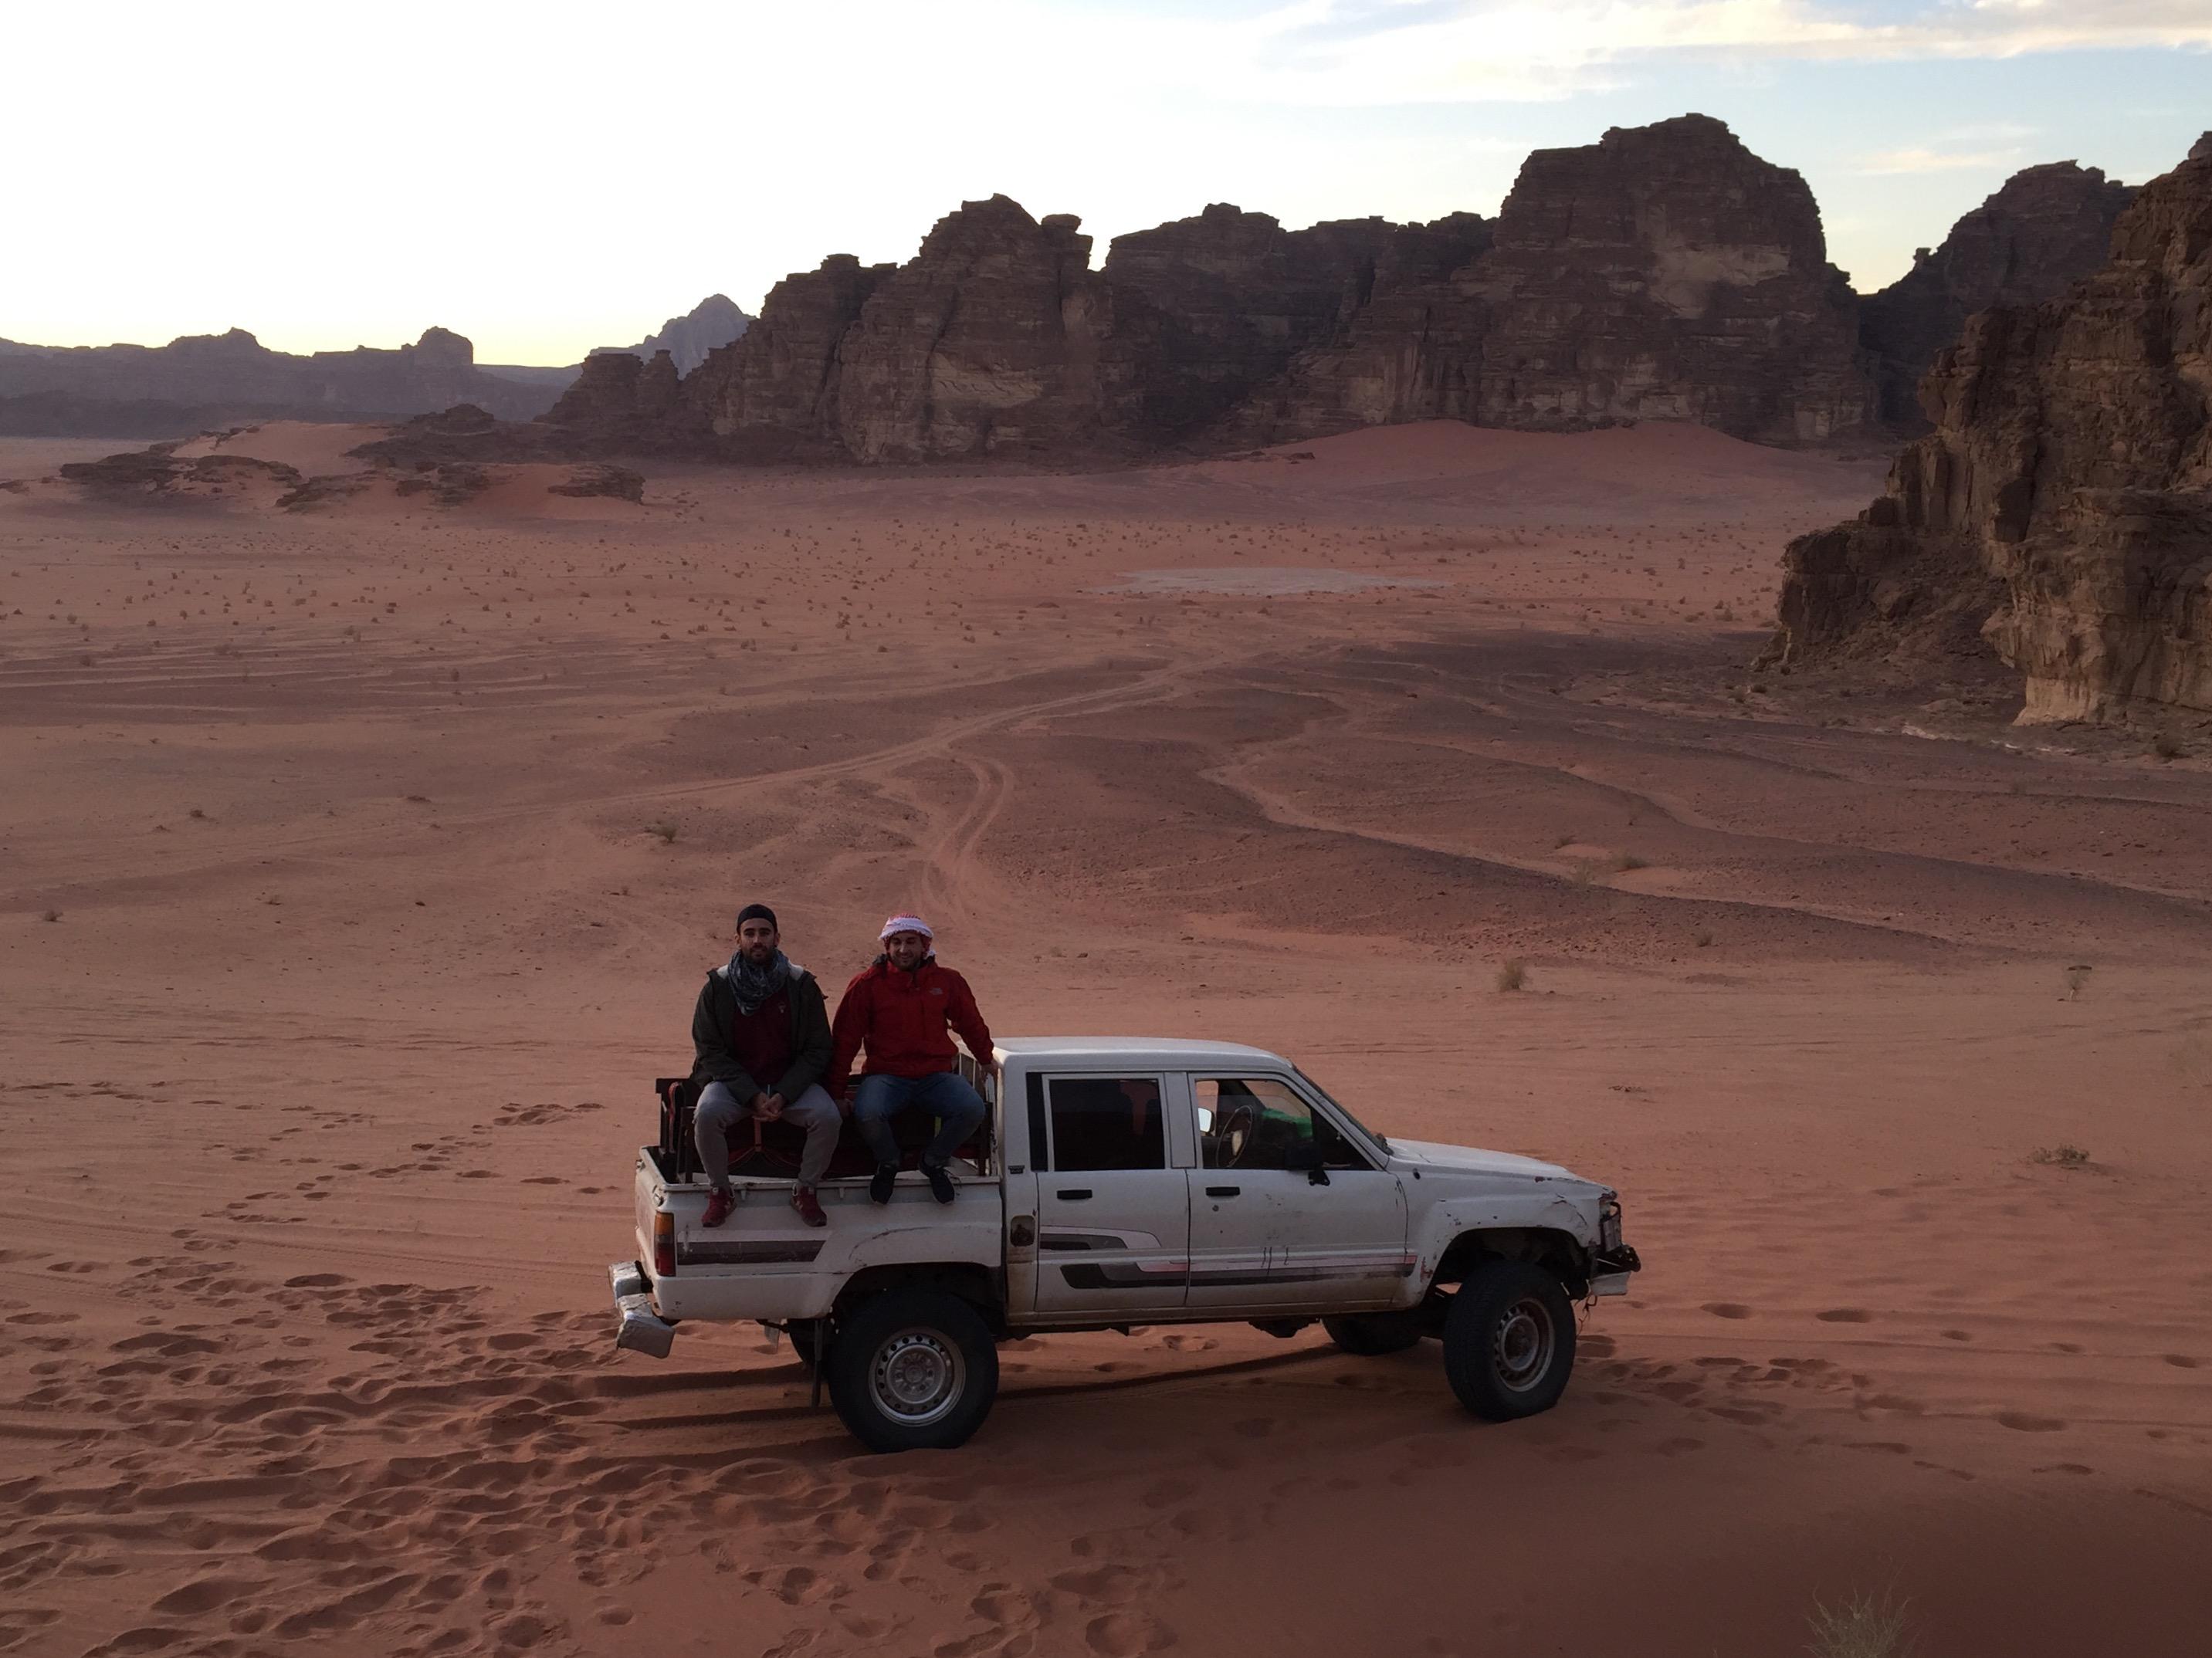 Qué hacer en Jordania (Wadi Rum)